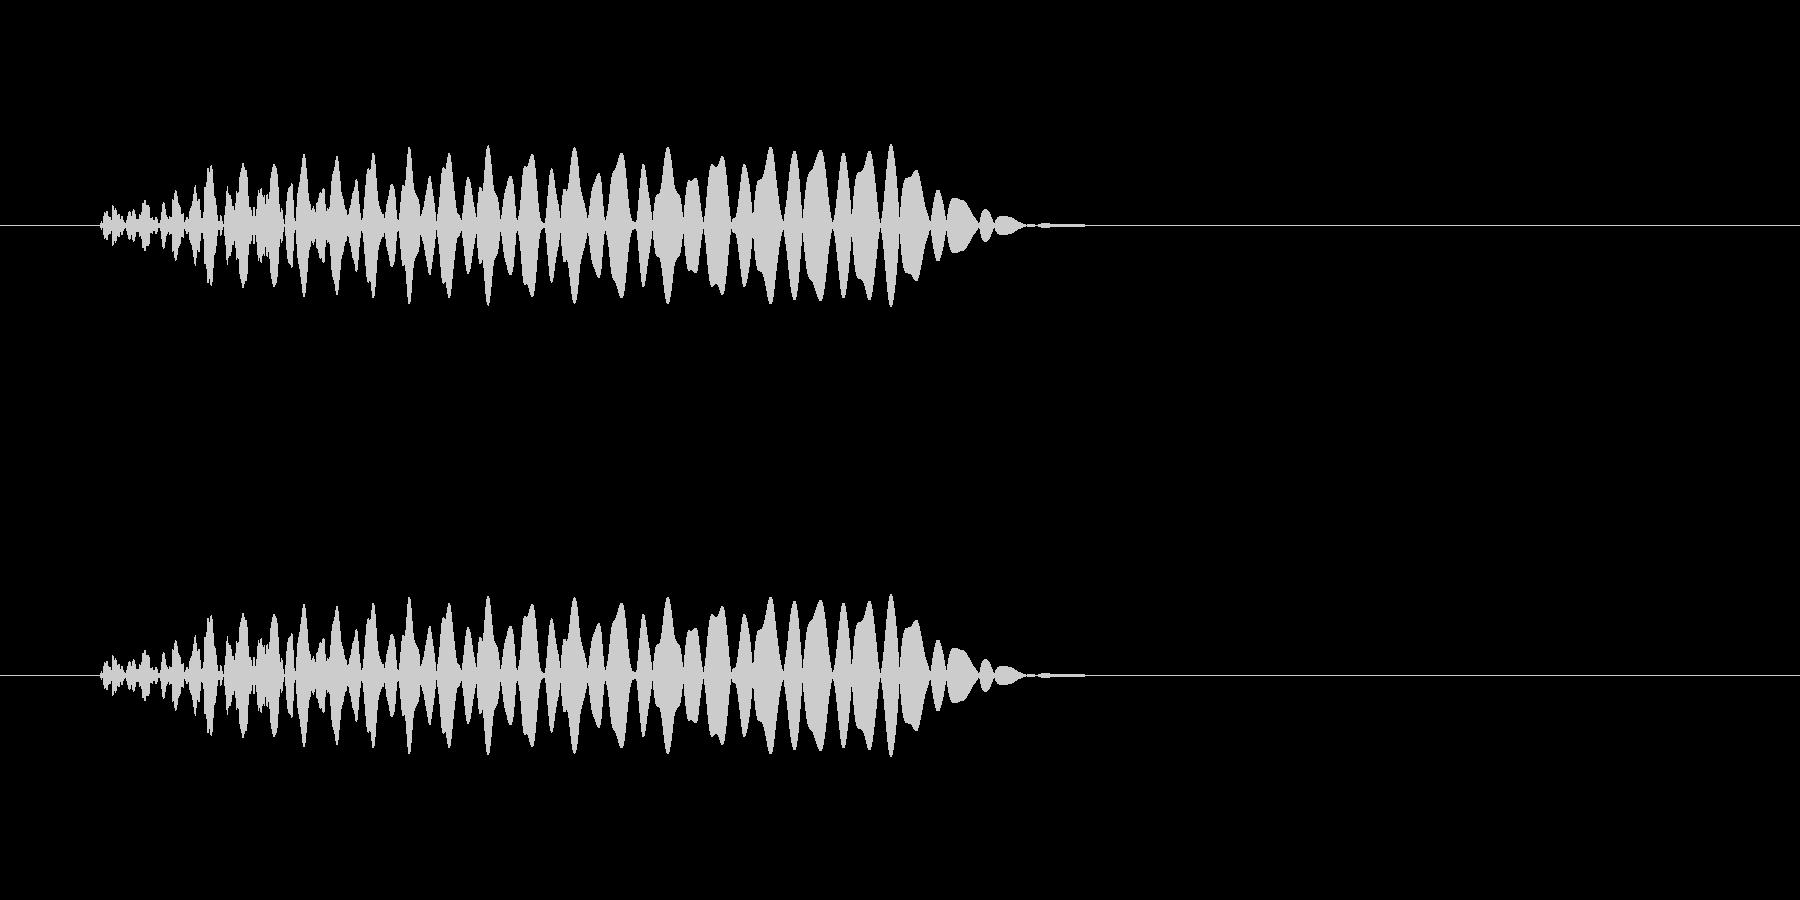 ブゥン↓(シンプルなキャンセル音)の未再生の波形